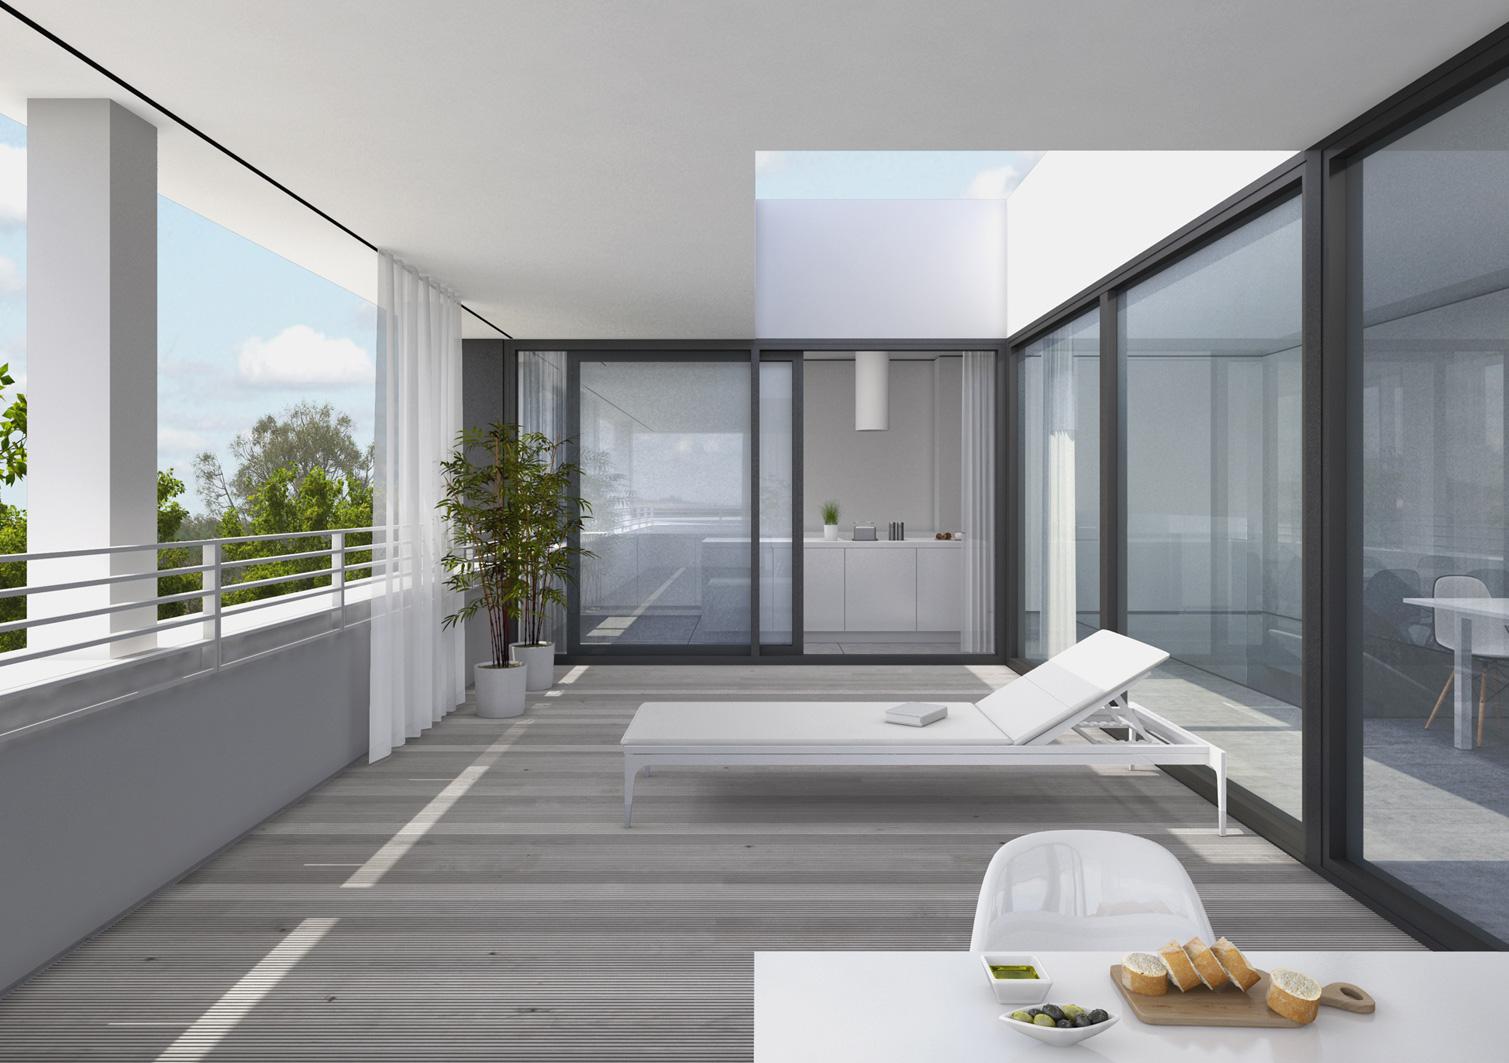 Dwupoziomowe apartamenty na ostatniej kondygnacji oprócz powierzchni blisko 140 m kw. oferują przestronne tarasy.